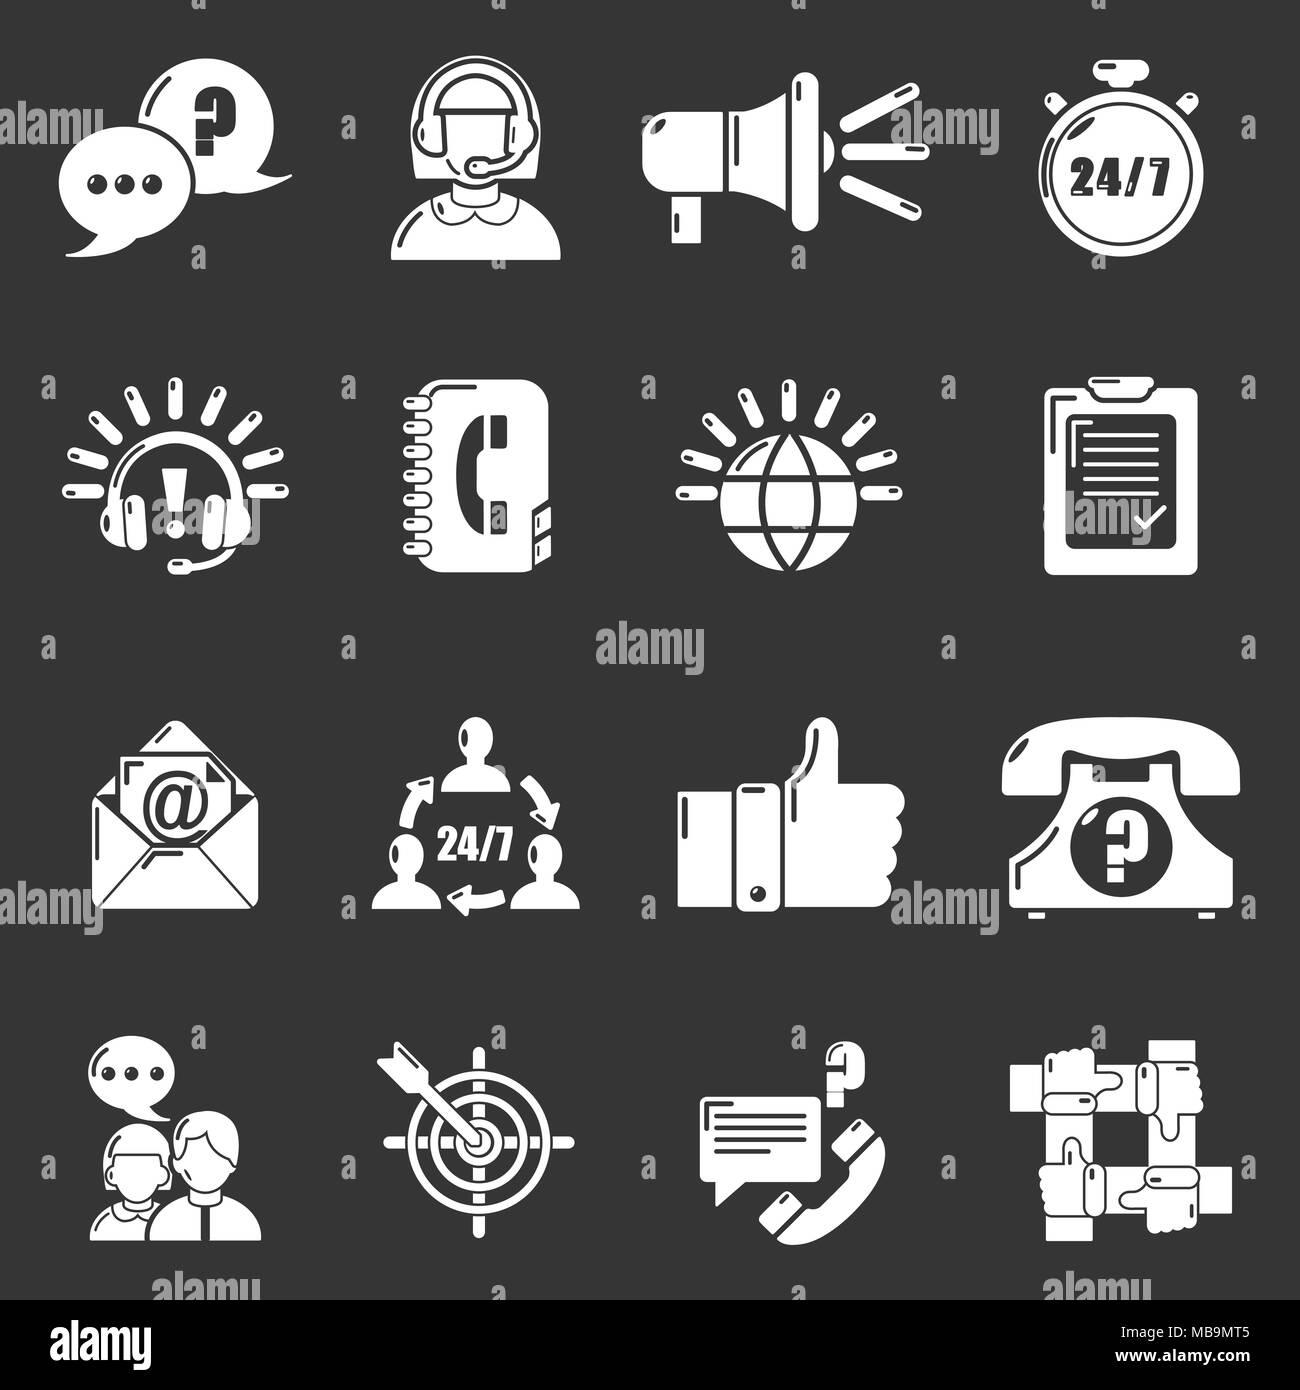 Call center icons set grey vector - Stock Vector